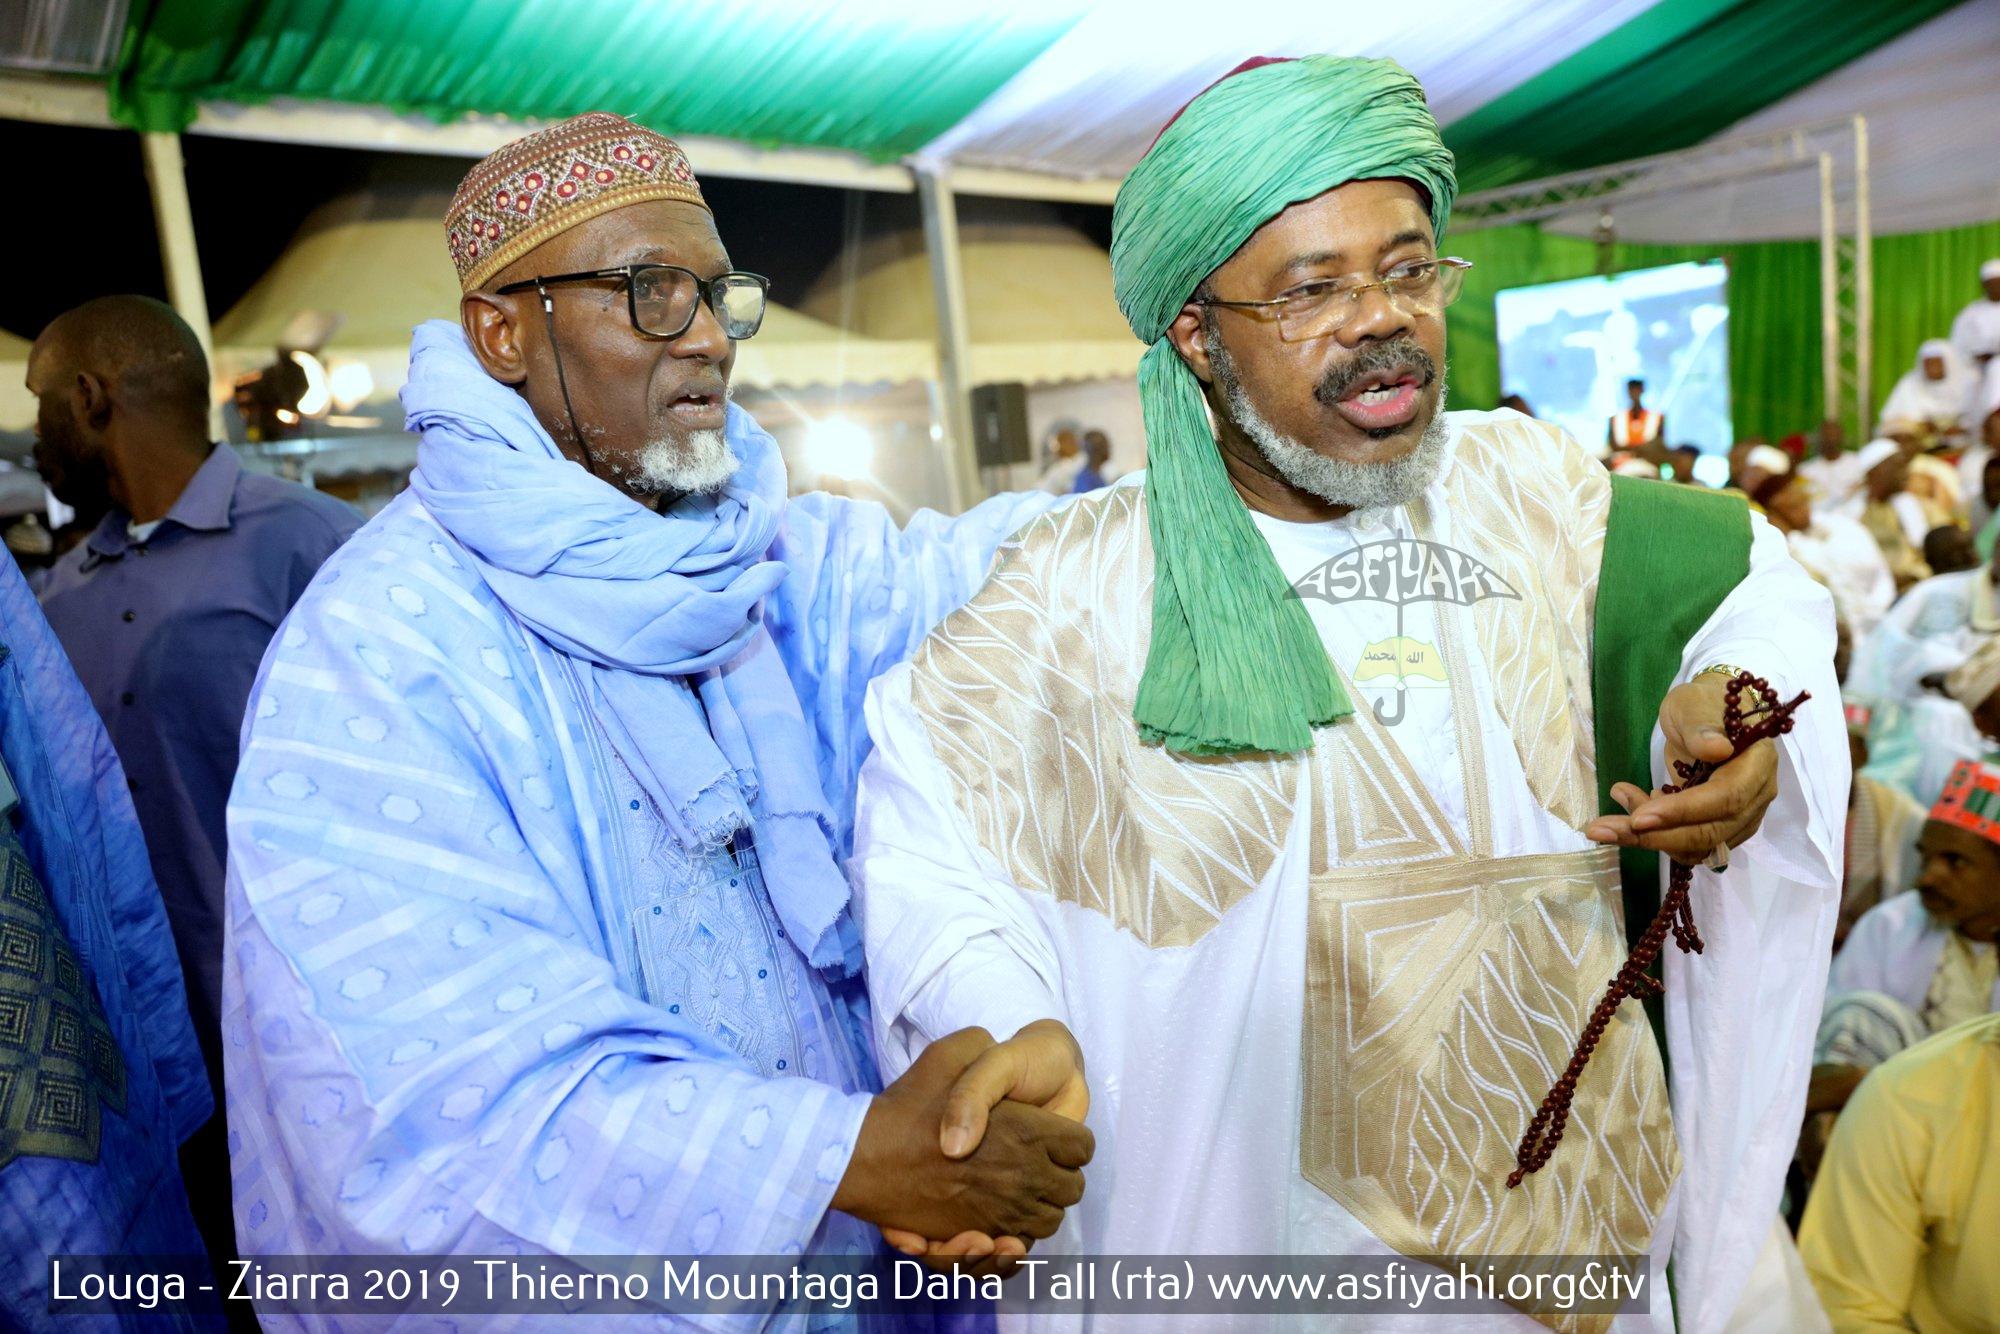 PHOTOS - LOUGA- Les Images de la Ziarra 2019 dédiée à Thierno Mountaga Daha Tall (rta)